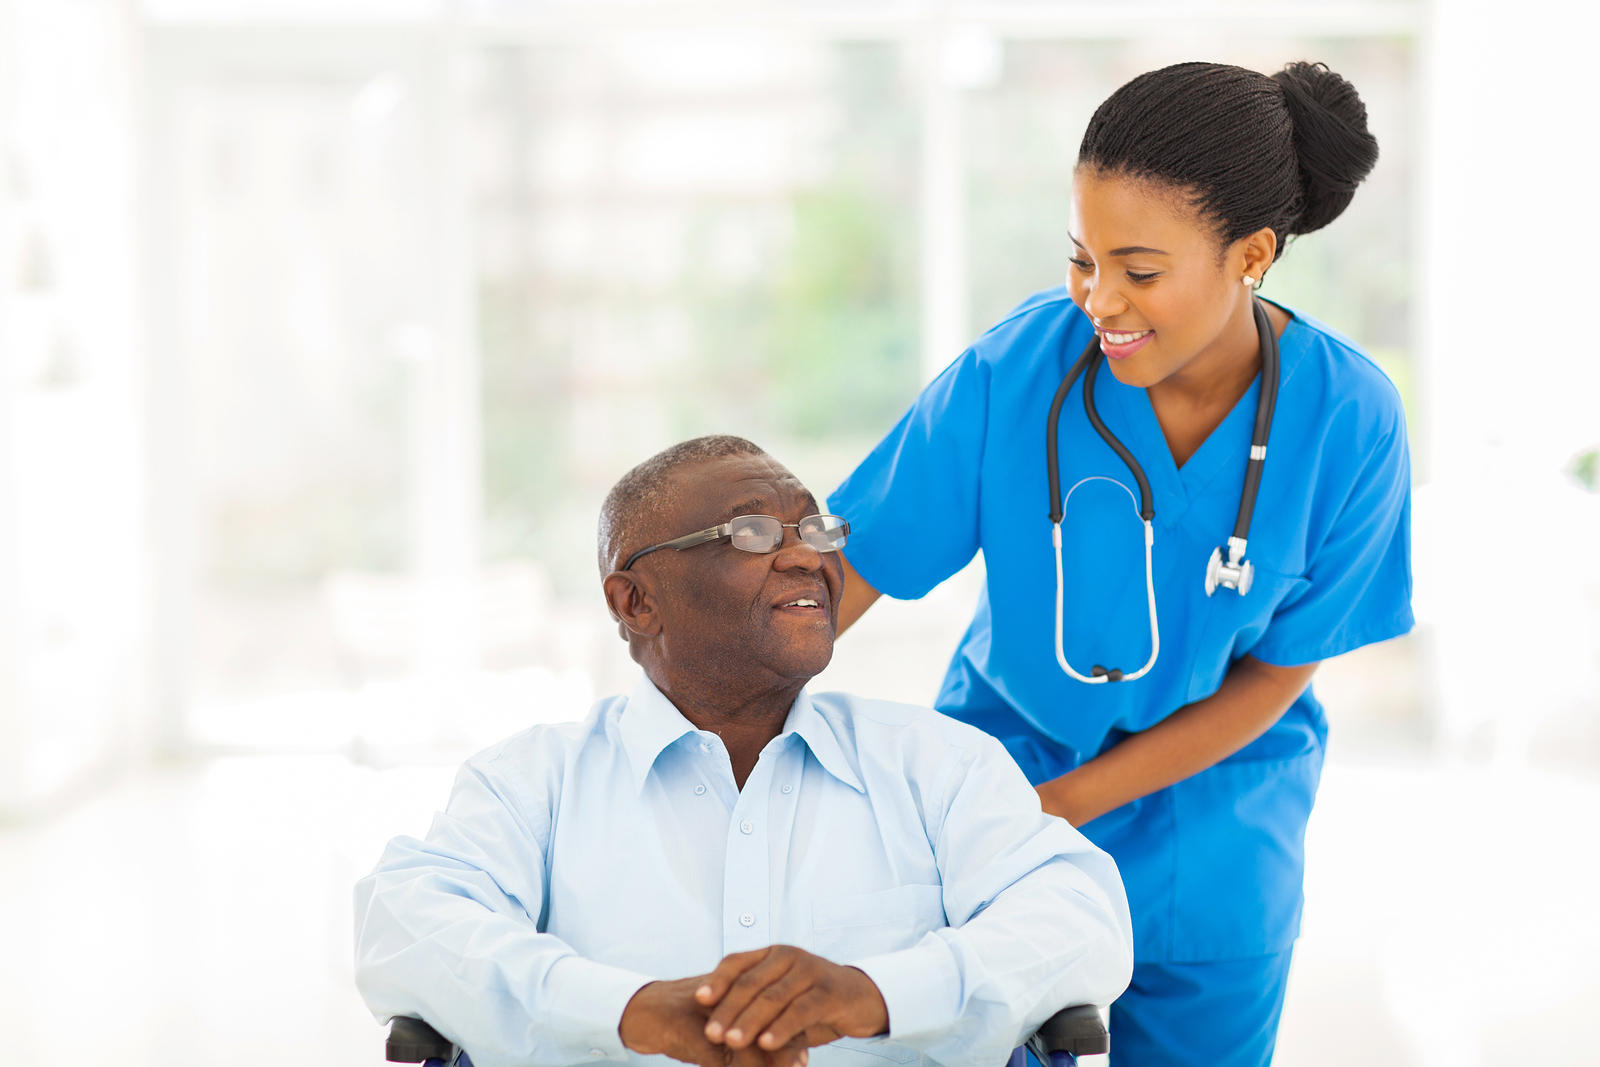 Nurse speaking with senior patient in wheelchair